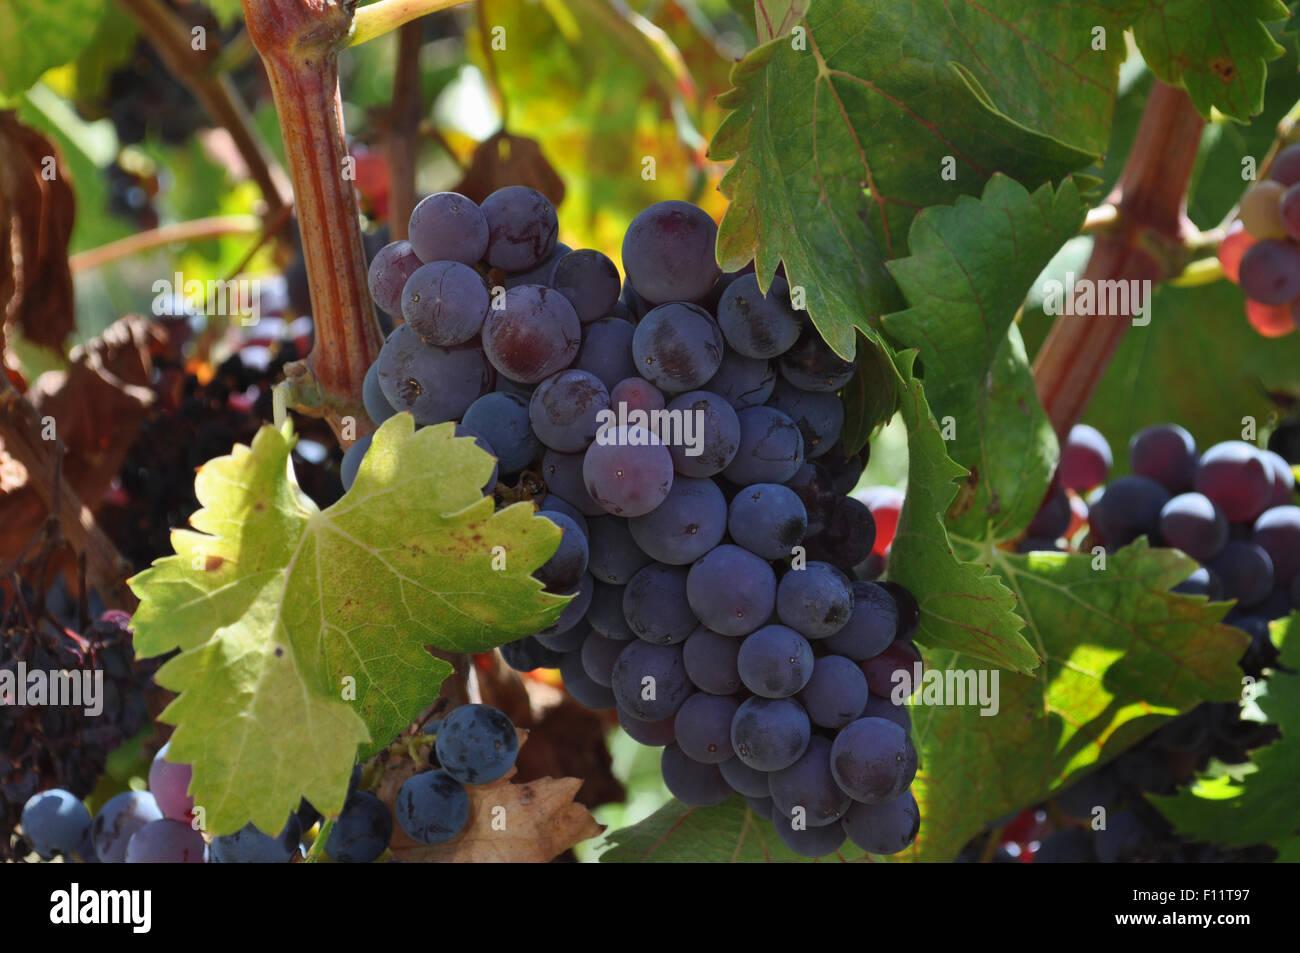 Grappolo di uva in una vigna di valle jalon, provincia di alicante, Spagna Immagini Stock